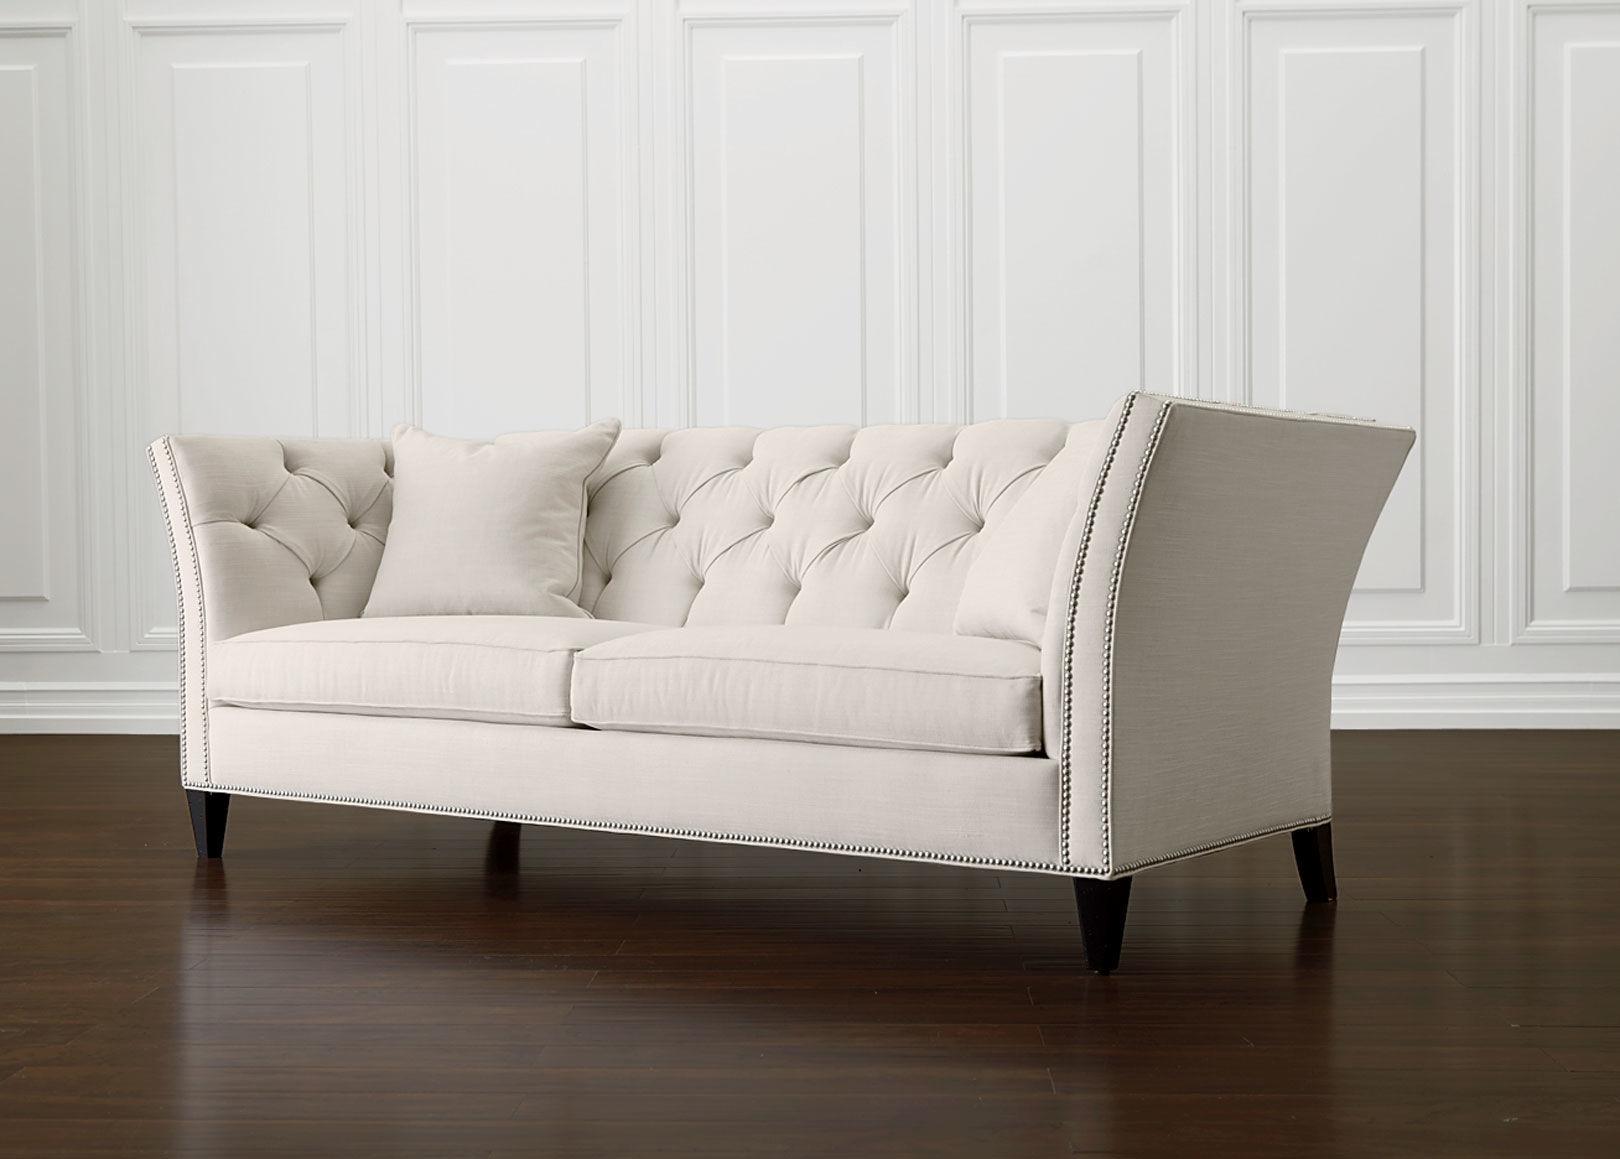 ethan allen sofa bed best sofas online uk sleeper homesfeed